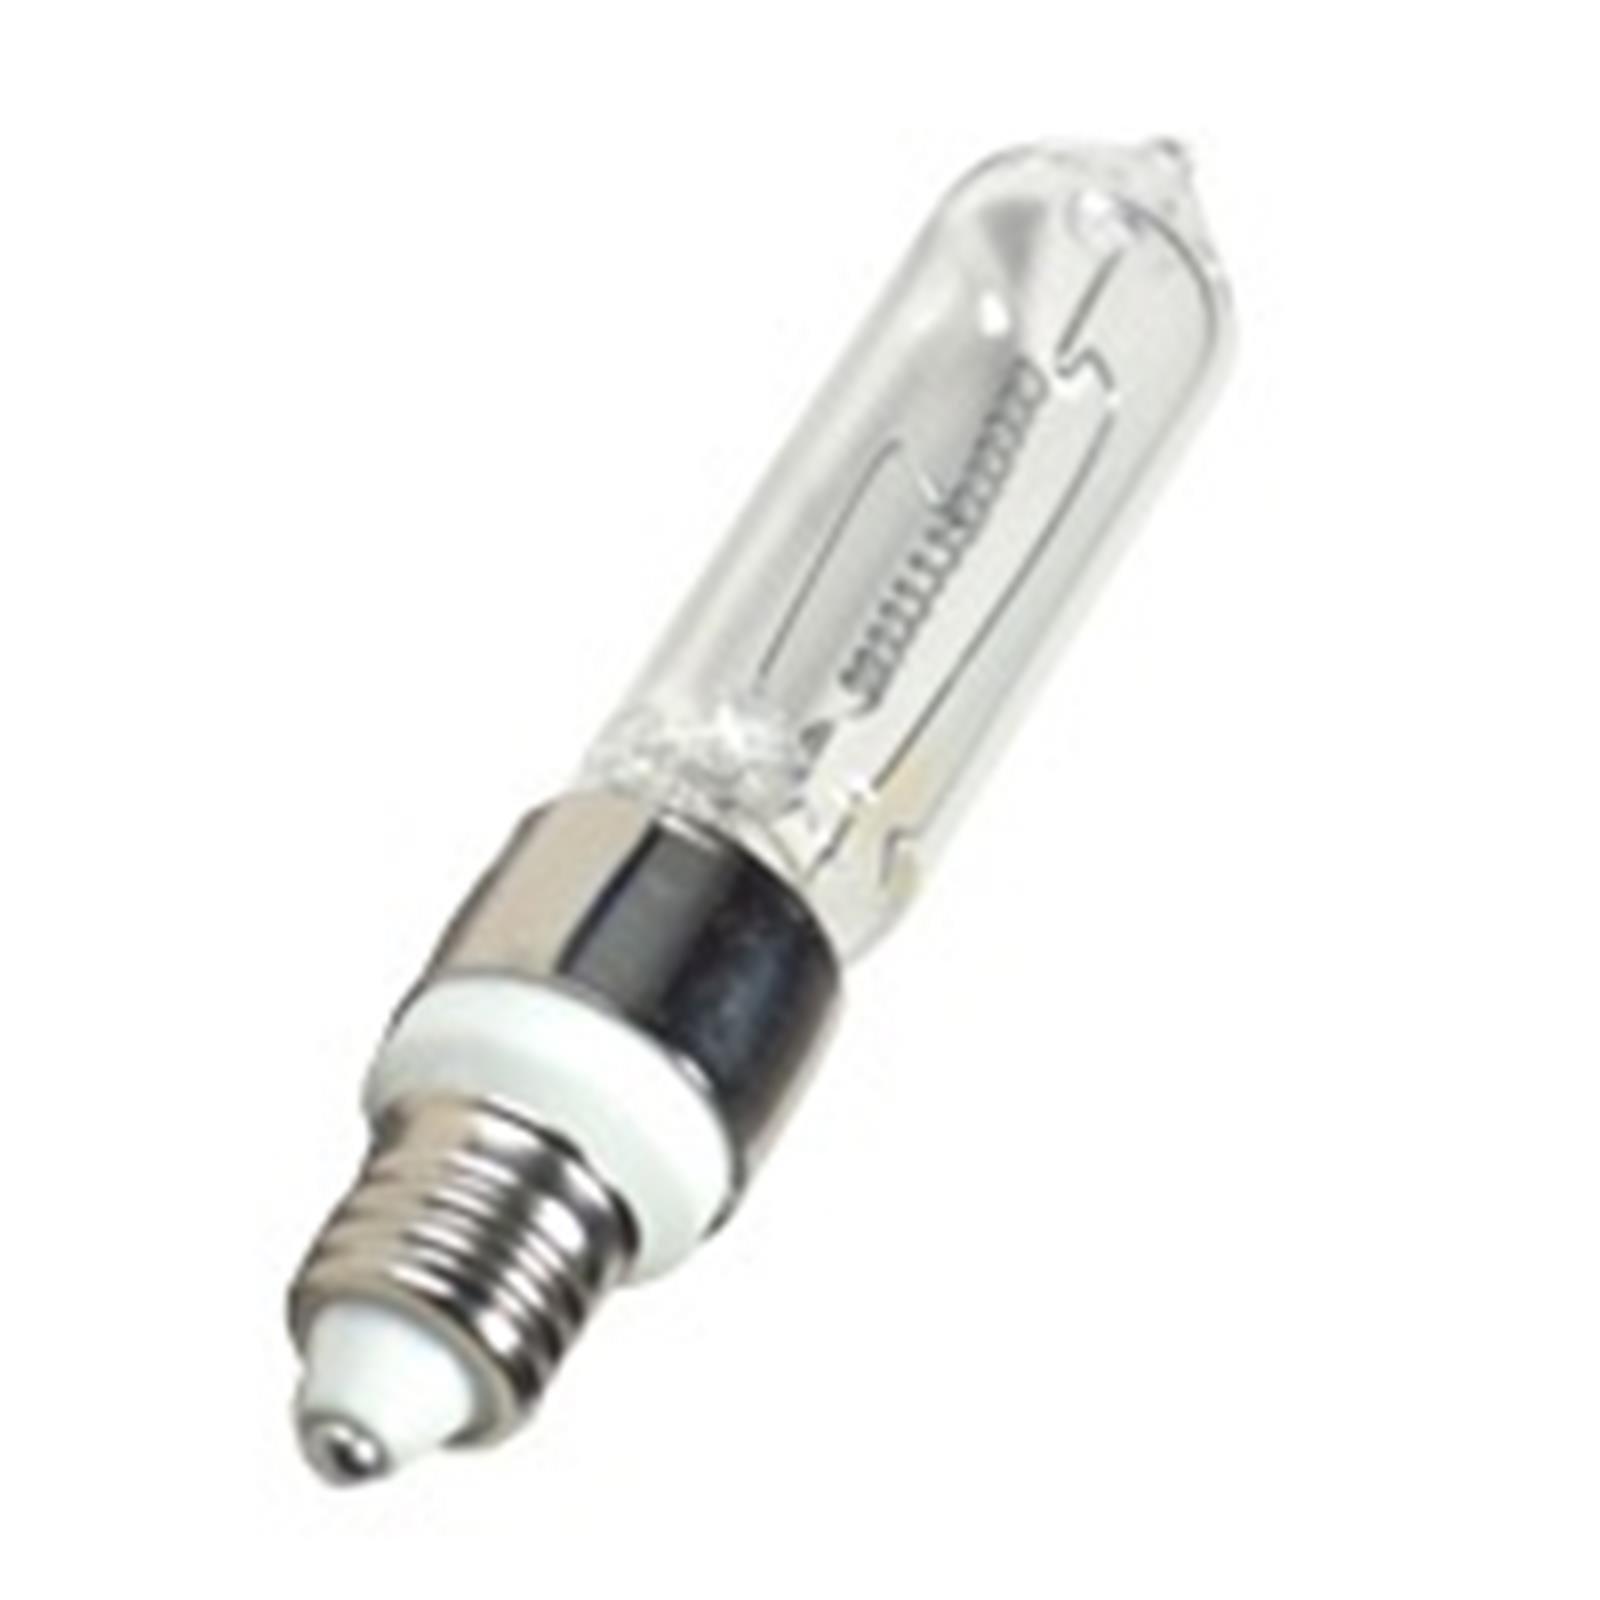 20 Qty. Halco 130V 400W T4 E11 Prism Q400CL/MC 400w 130v Halogen Clear Lamp Bulb